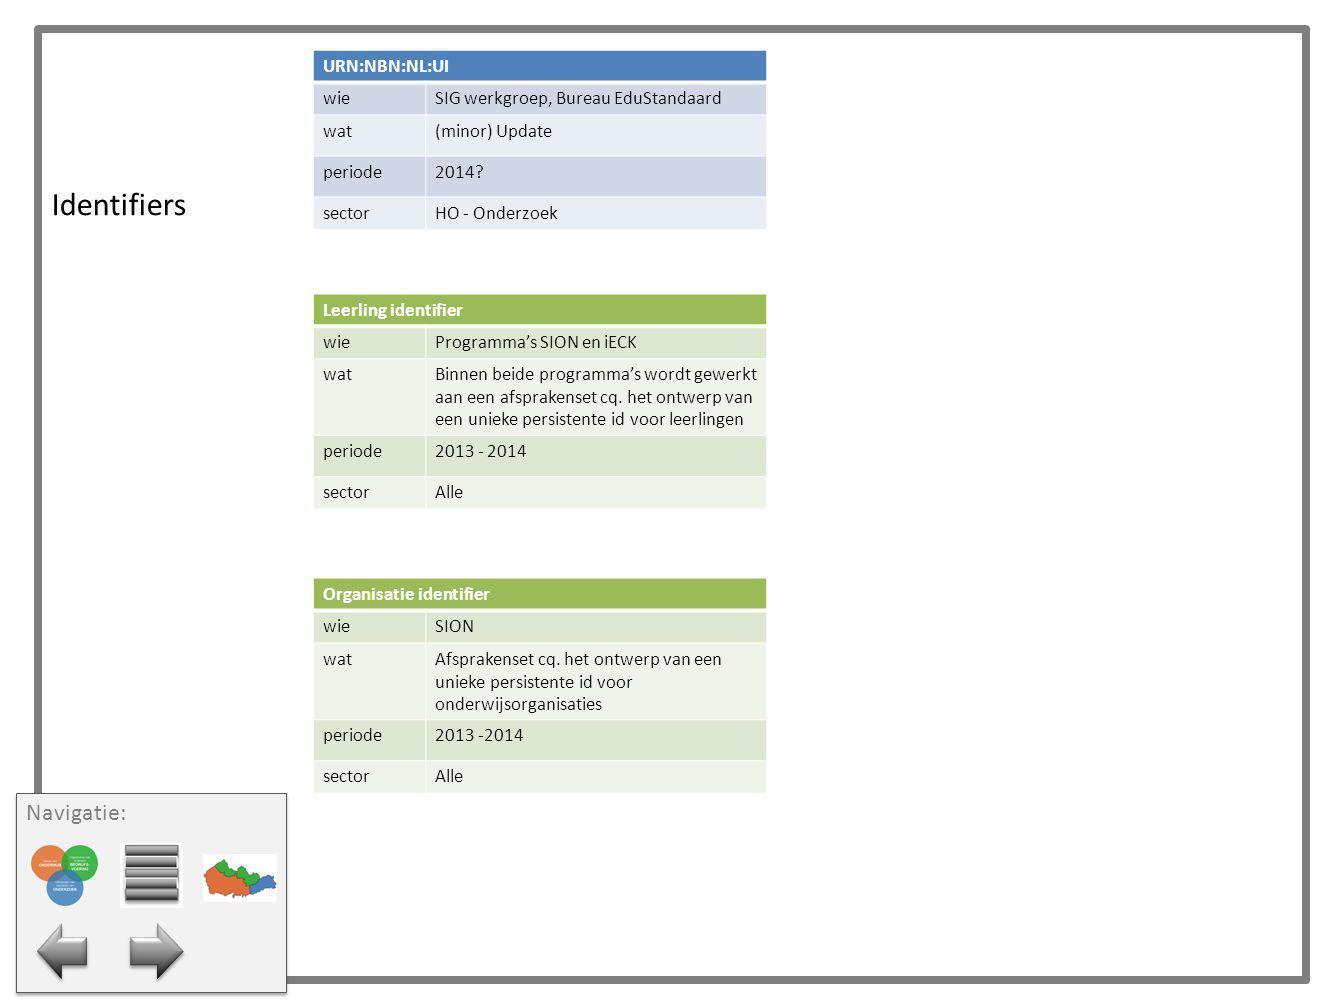 Gebruik leermiddelen Navigatie: Edexml 2.0 in beheer wieCITO (CVE) watEdexml 2.0 in beheer, wijzigingen via CITO periodeIn onderzoek; Q4 2013 sectorPO - VO Integratie EDEXML 2.0 en UWLR 1.0 wieCITO, BES watIntegratie van EdexML en UWLR zodat gegevens onderling compatibel zijn.